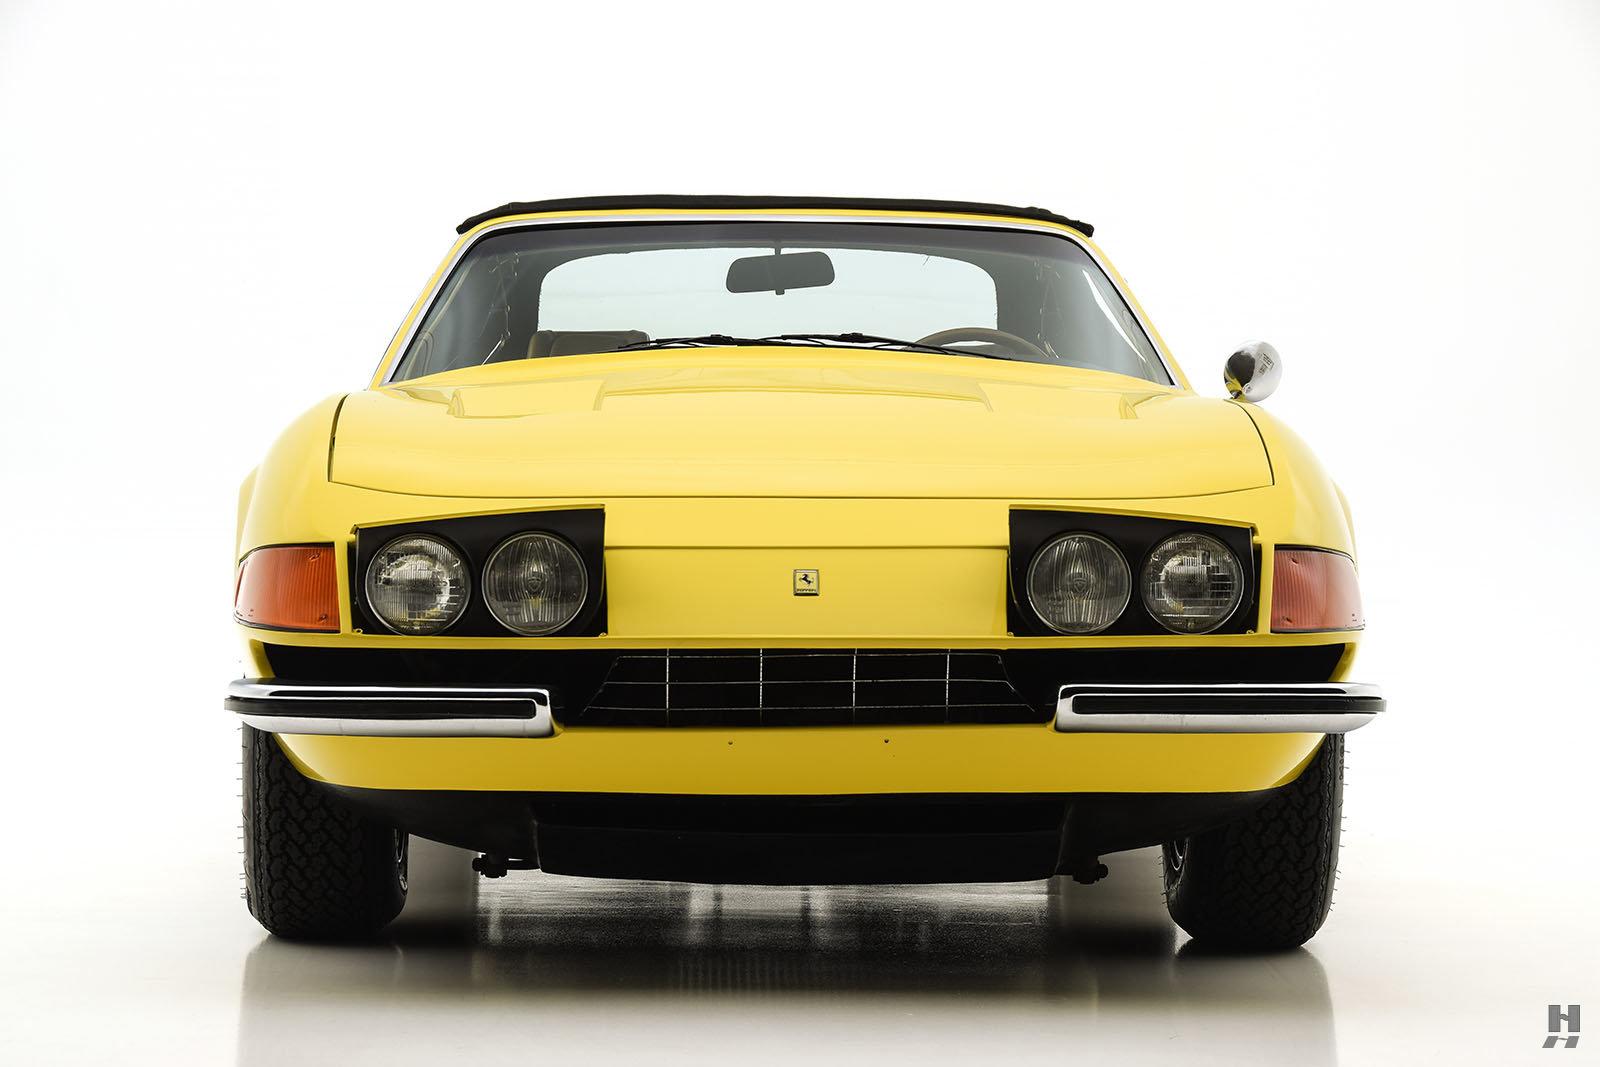 Ferrari 365 GTB/4 Daytona Spider-Conversion - 1971 For Sale (picture 3 of 6)